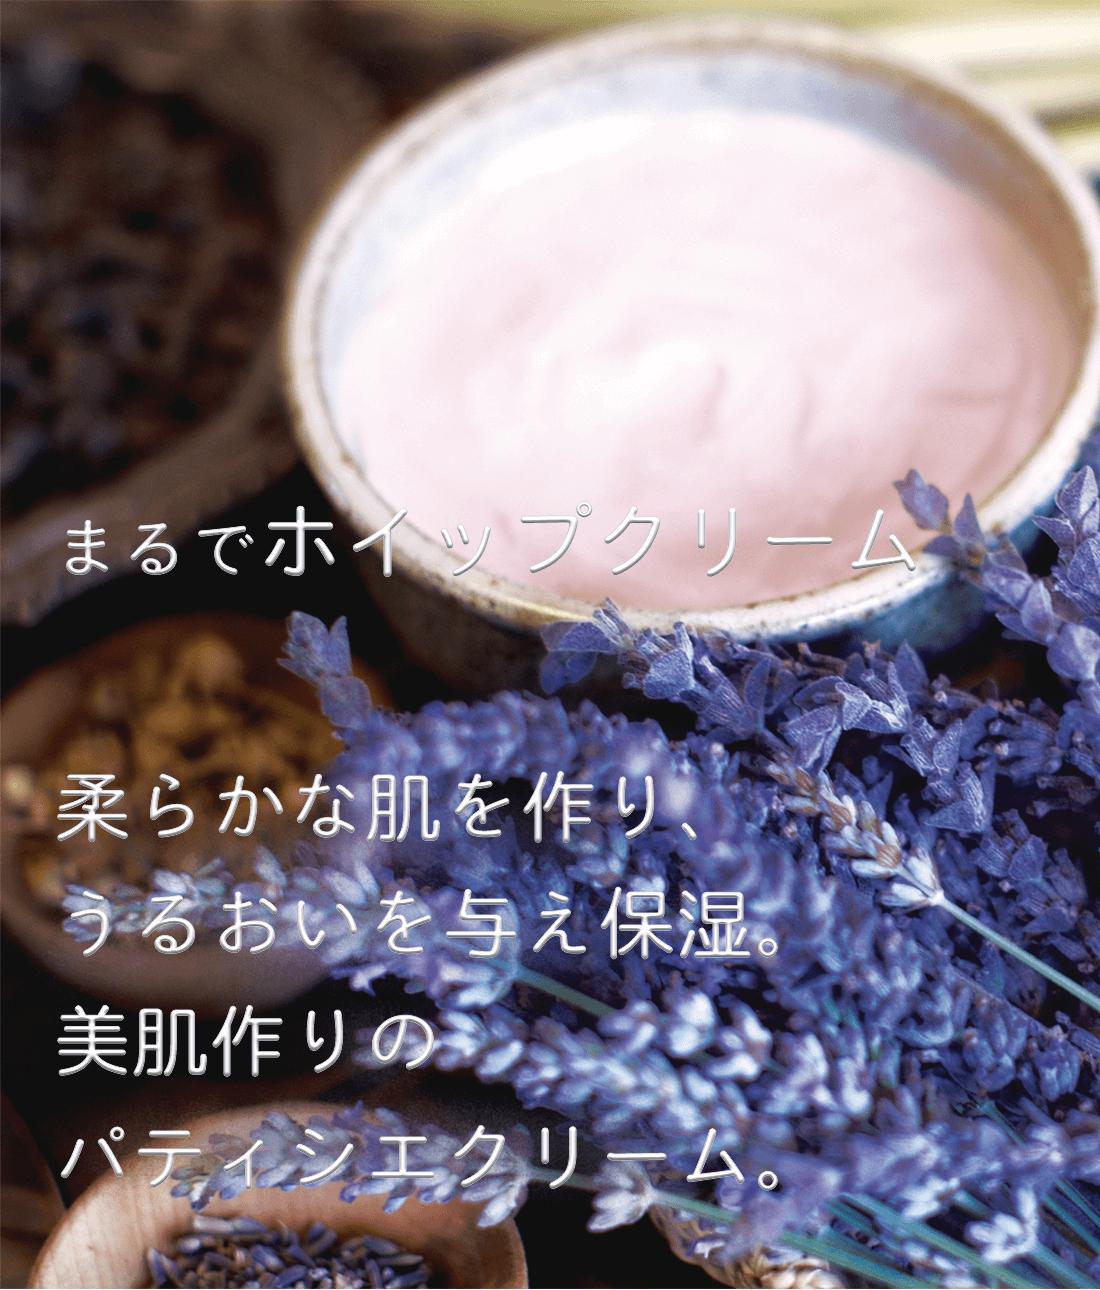 まるでホイップクリーム 柔らかな肌作り、うるおいを与え保湿。美肌作りのパティシエクリーム